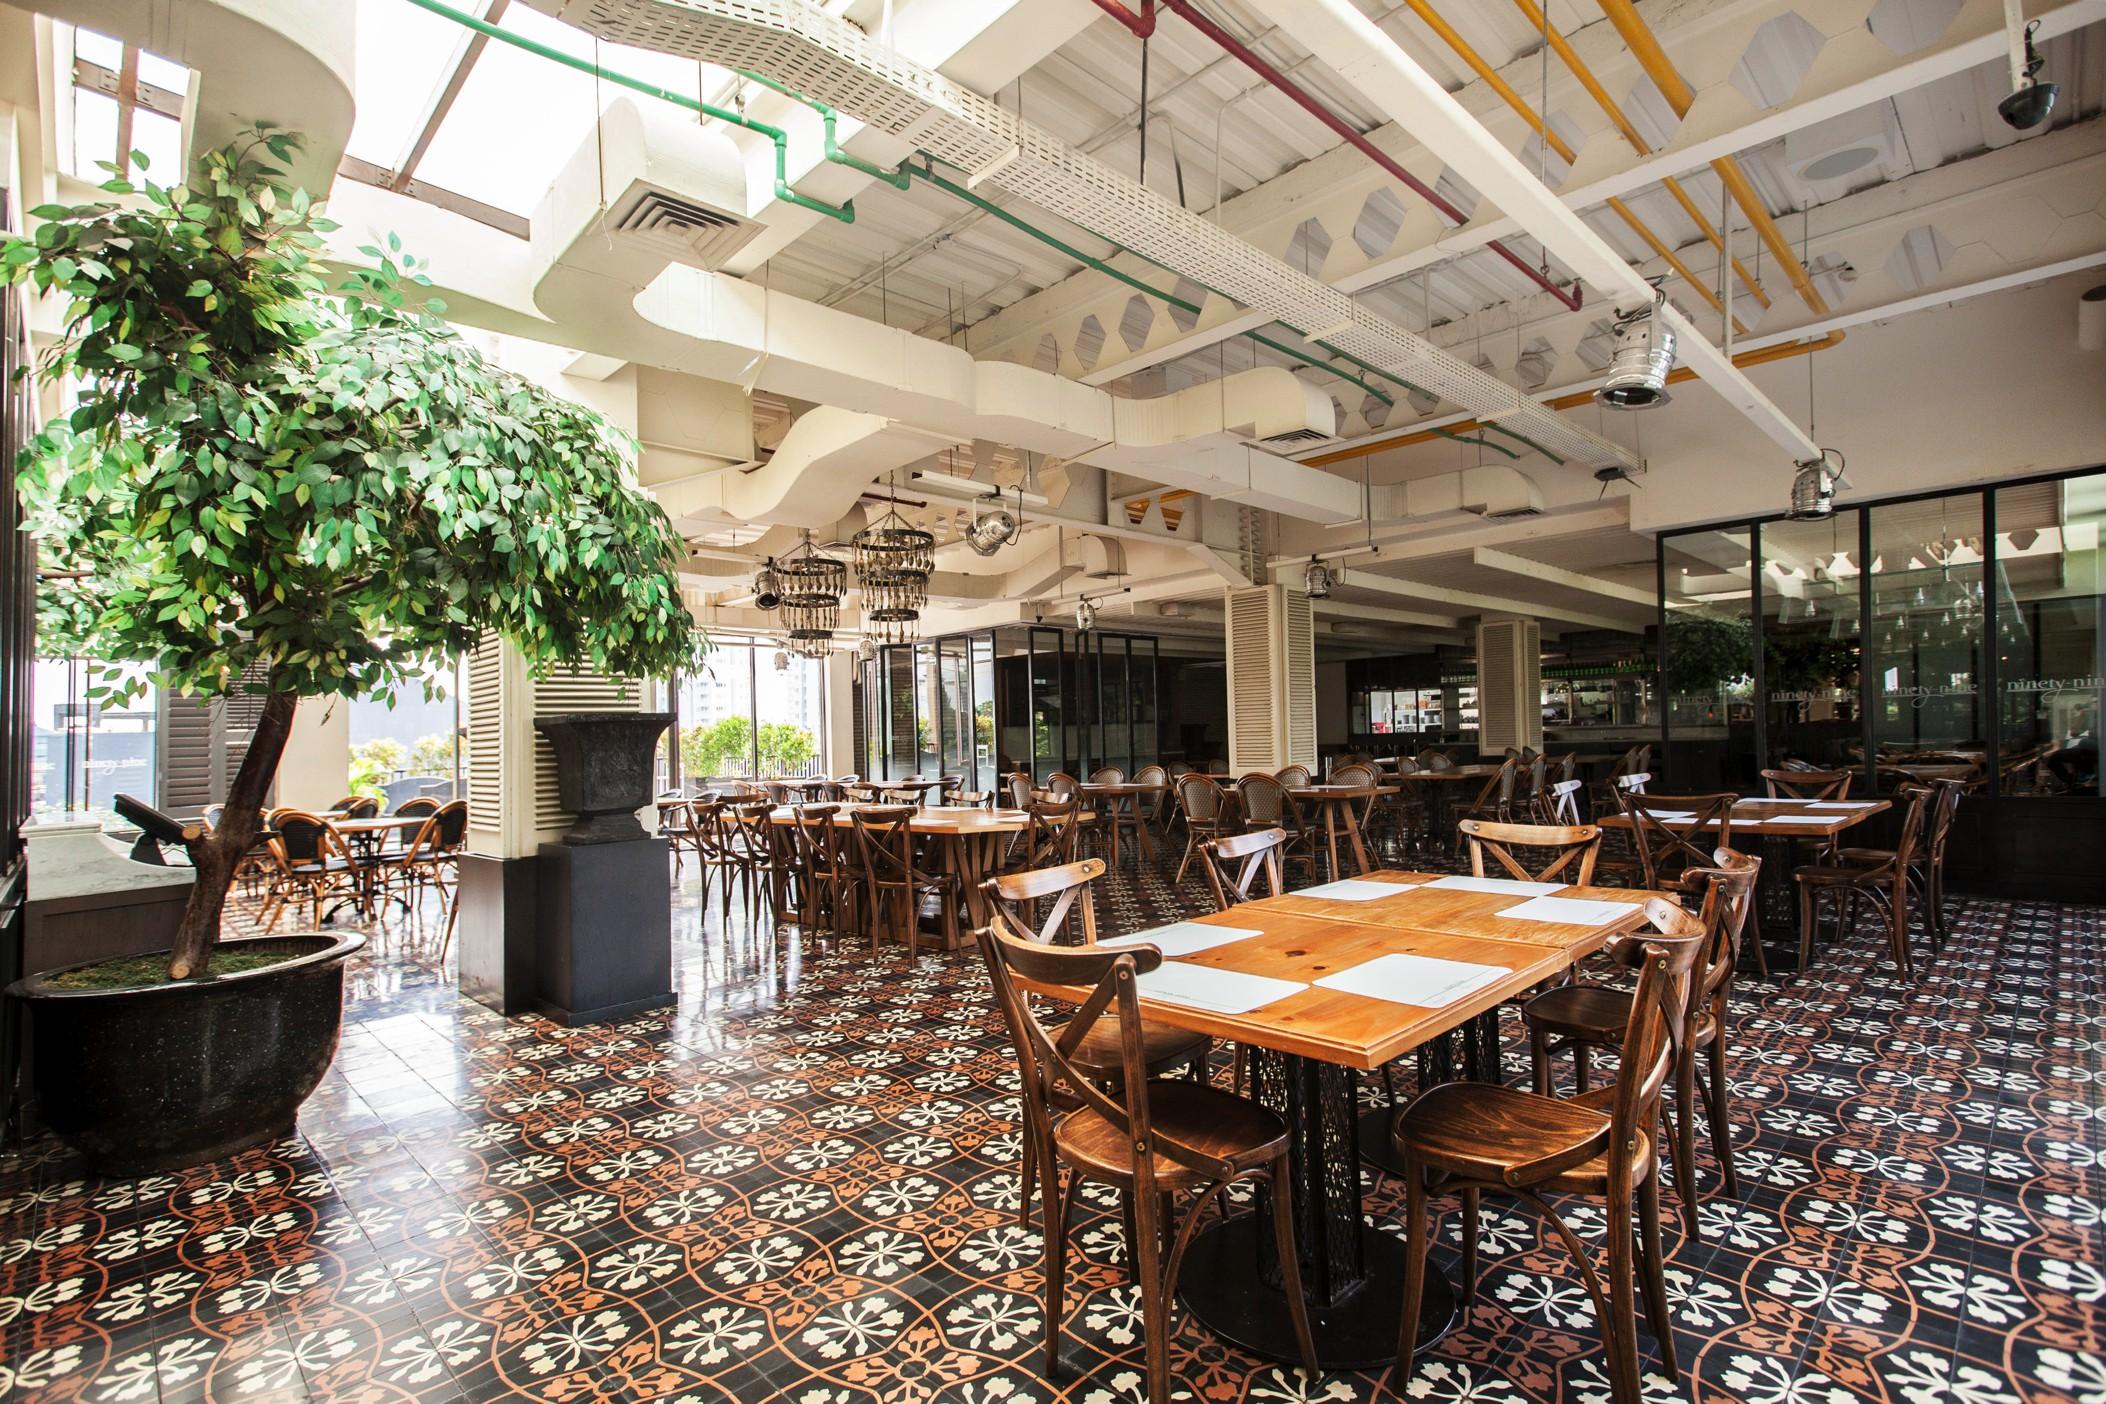 kids-birthday-party-venuerific-blog-Ninety-nine-restaurant